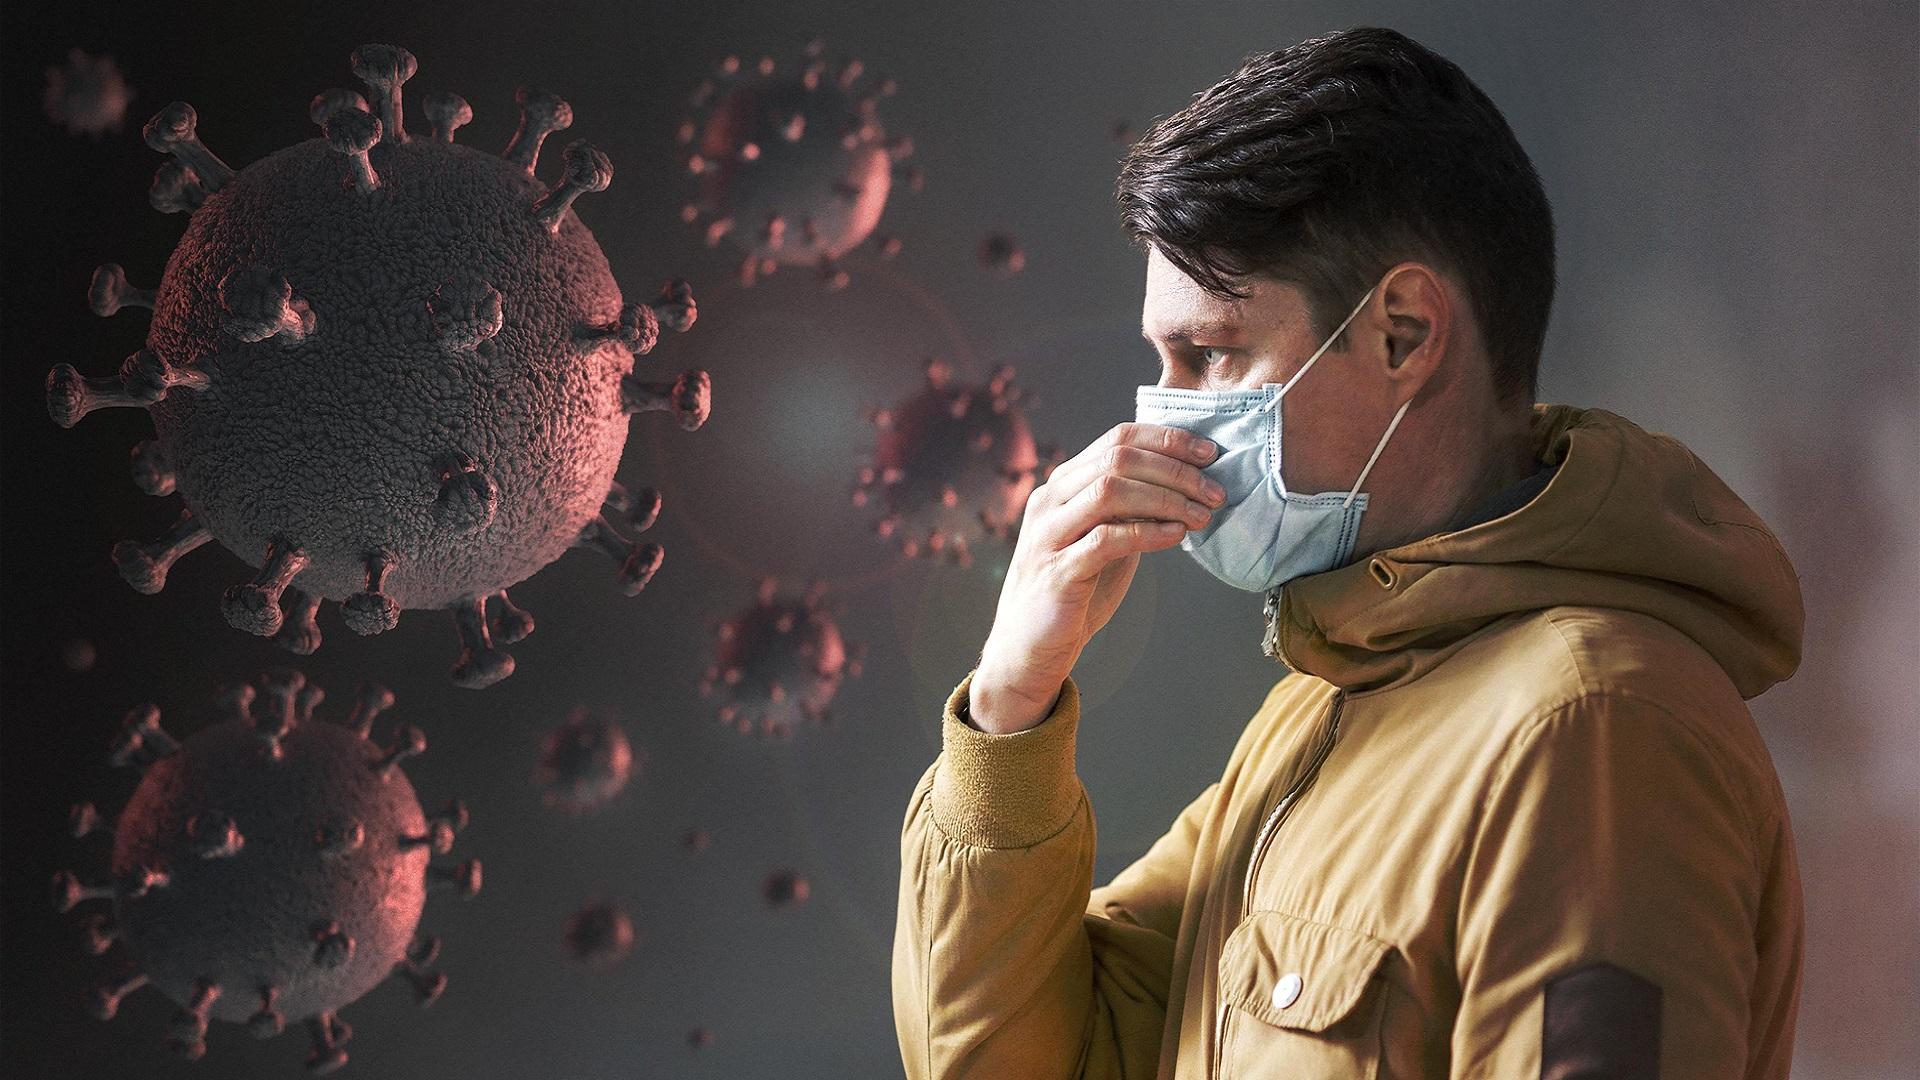 El peor mes de la pandemia: EEUU rebasa los 10 millones de casos de coronavirus